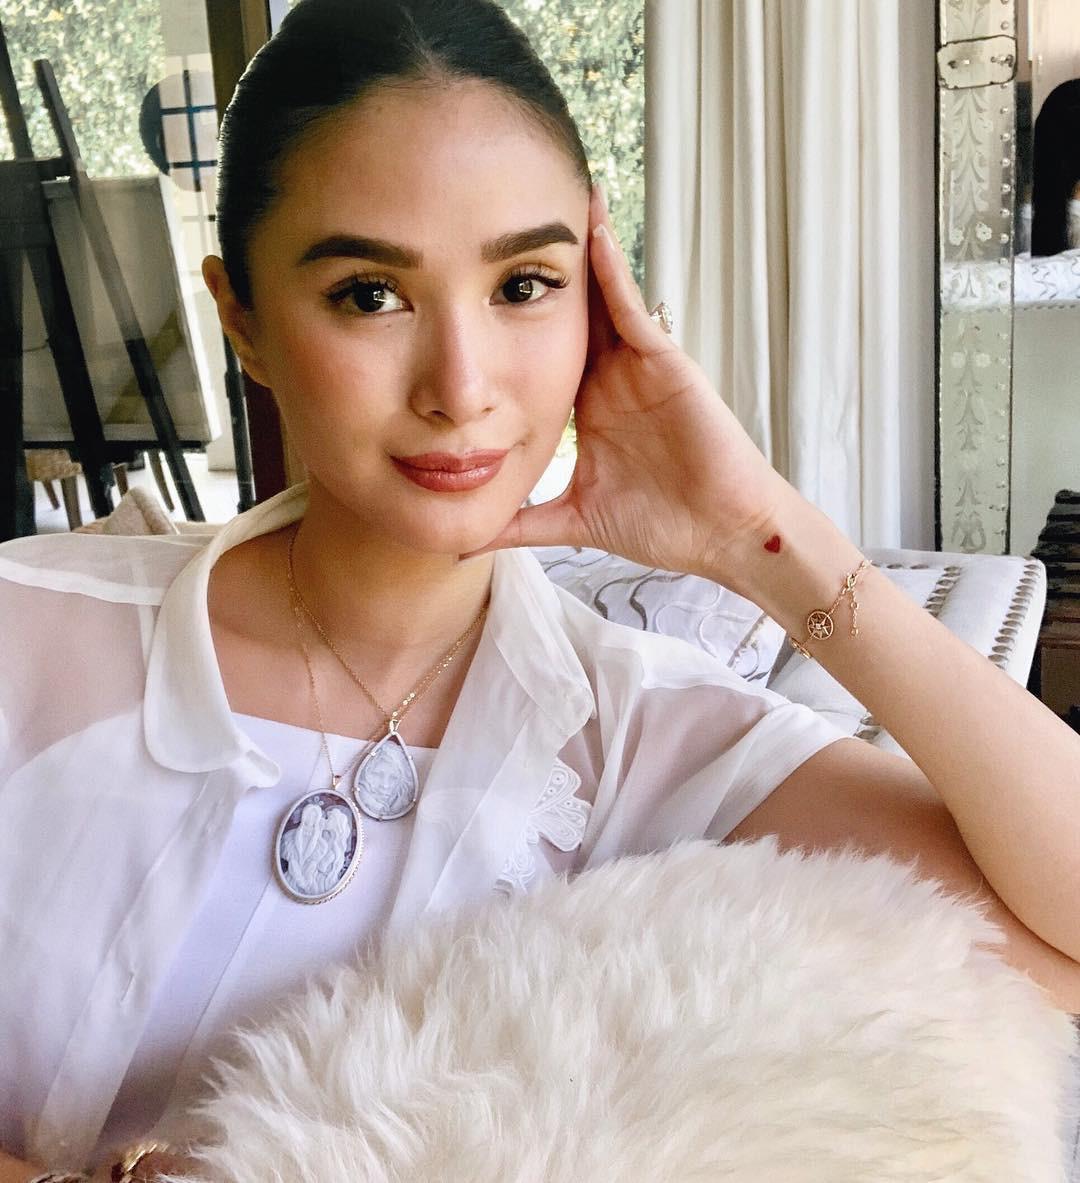 Là đại mỹ nhân giàu có bậc nhất Philippines, nhưng cô nàng bạn thân Hà Tăng chỉ dùng lọ kem dưỡng giá chưa đến 300k - Ảnh 1.